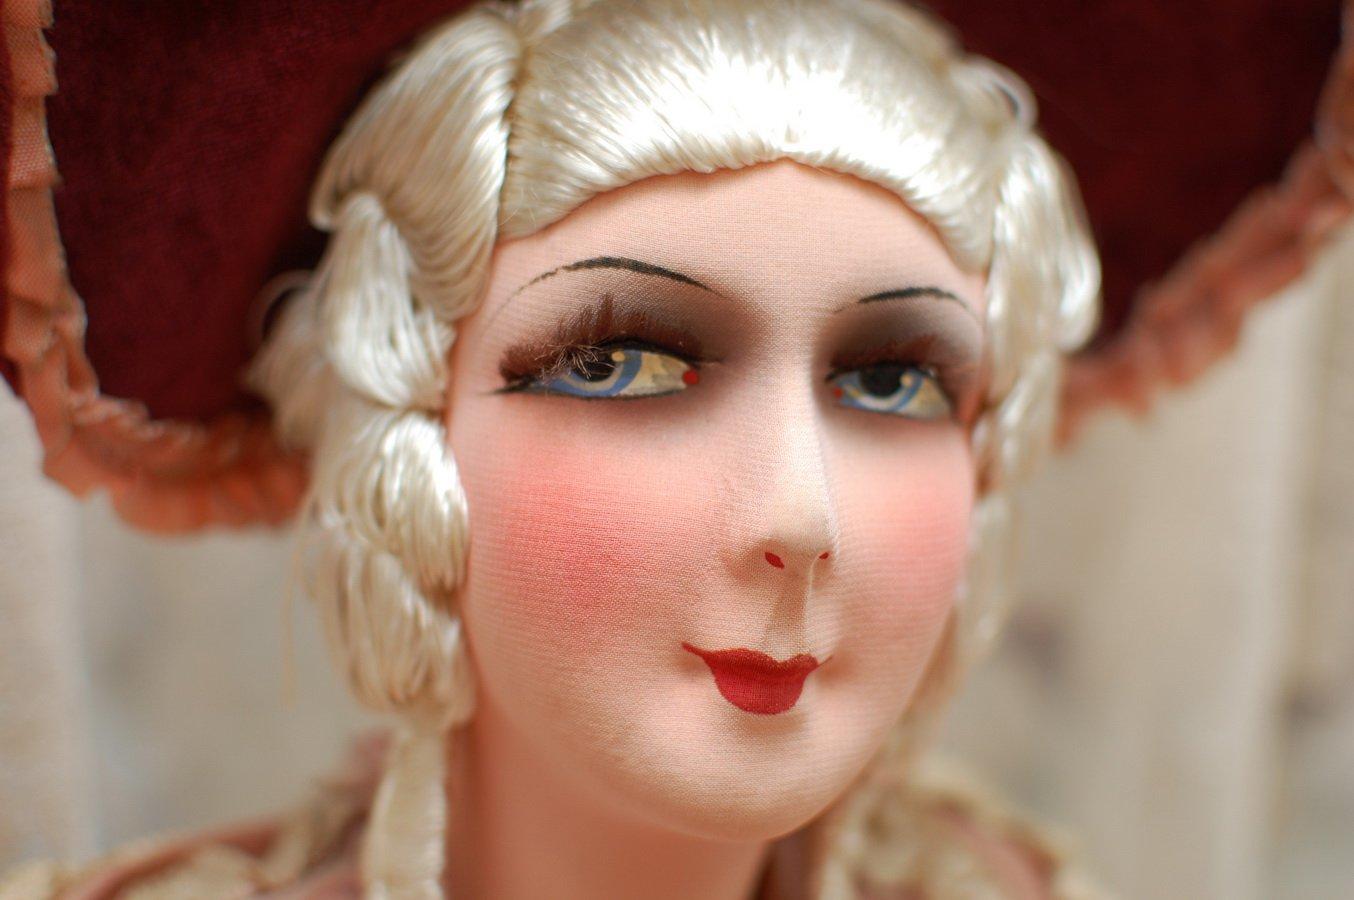 красивая антикварная будуарная кукла с голубыми глазами